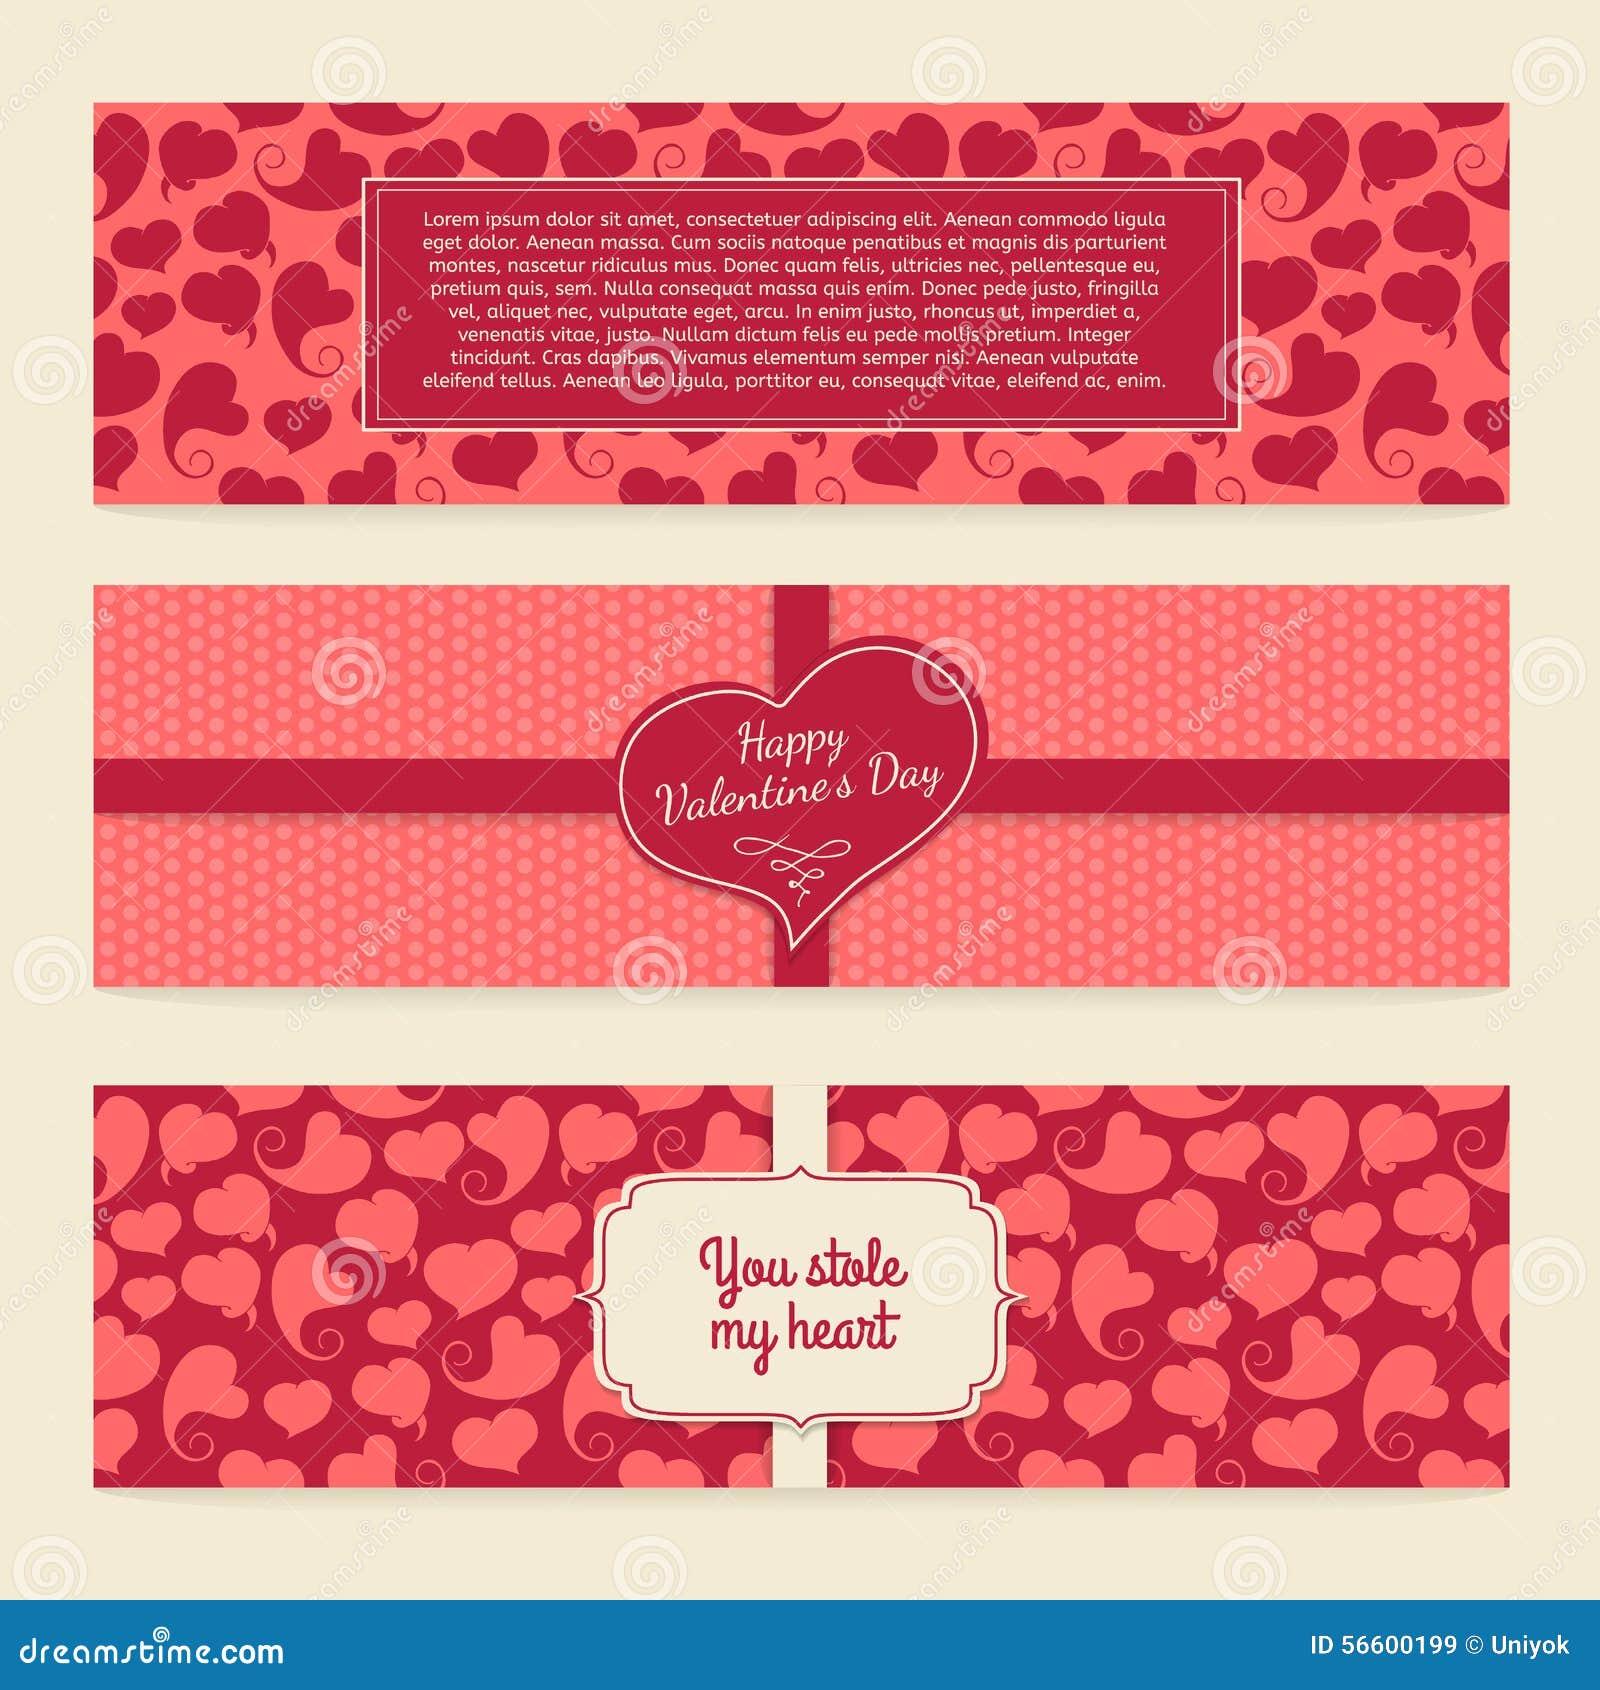 Ziemlich Valentineschablonen Ideen - Malvorlagen Von Tieren - ngadi.info